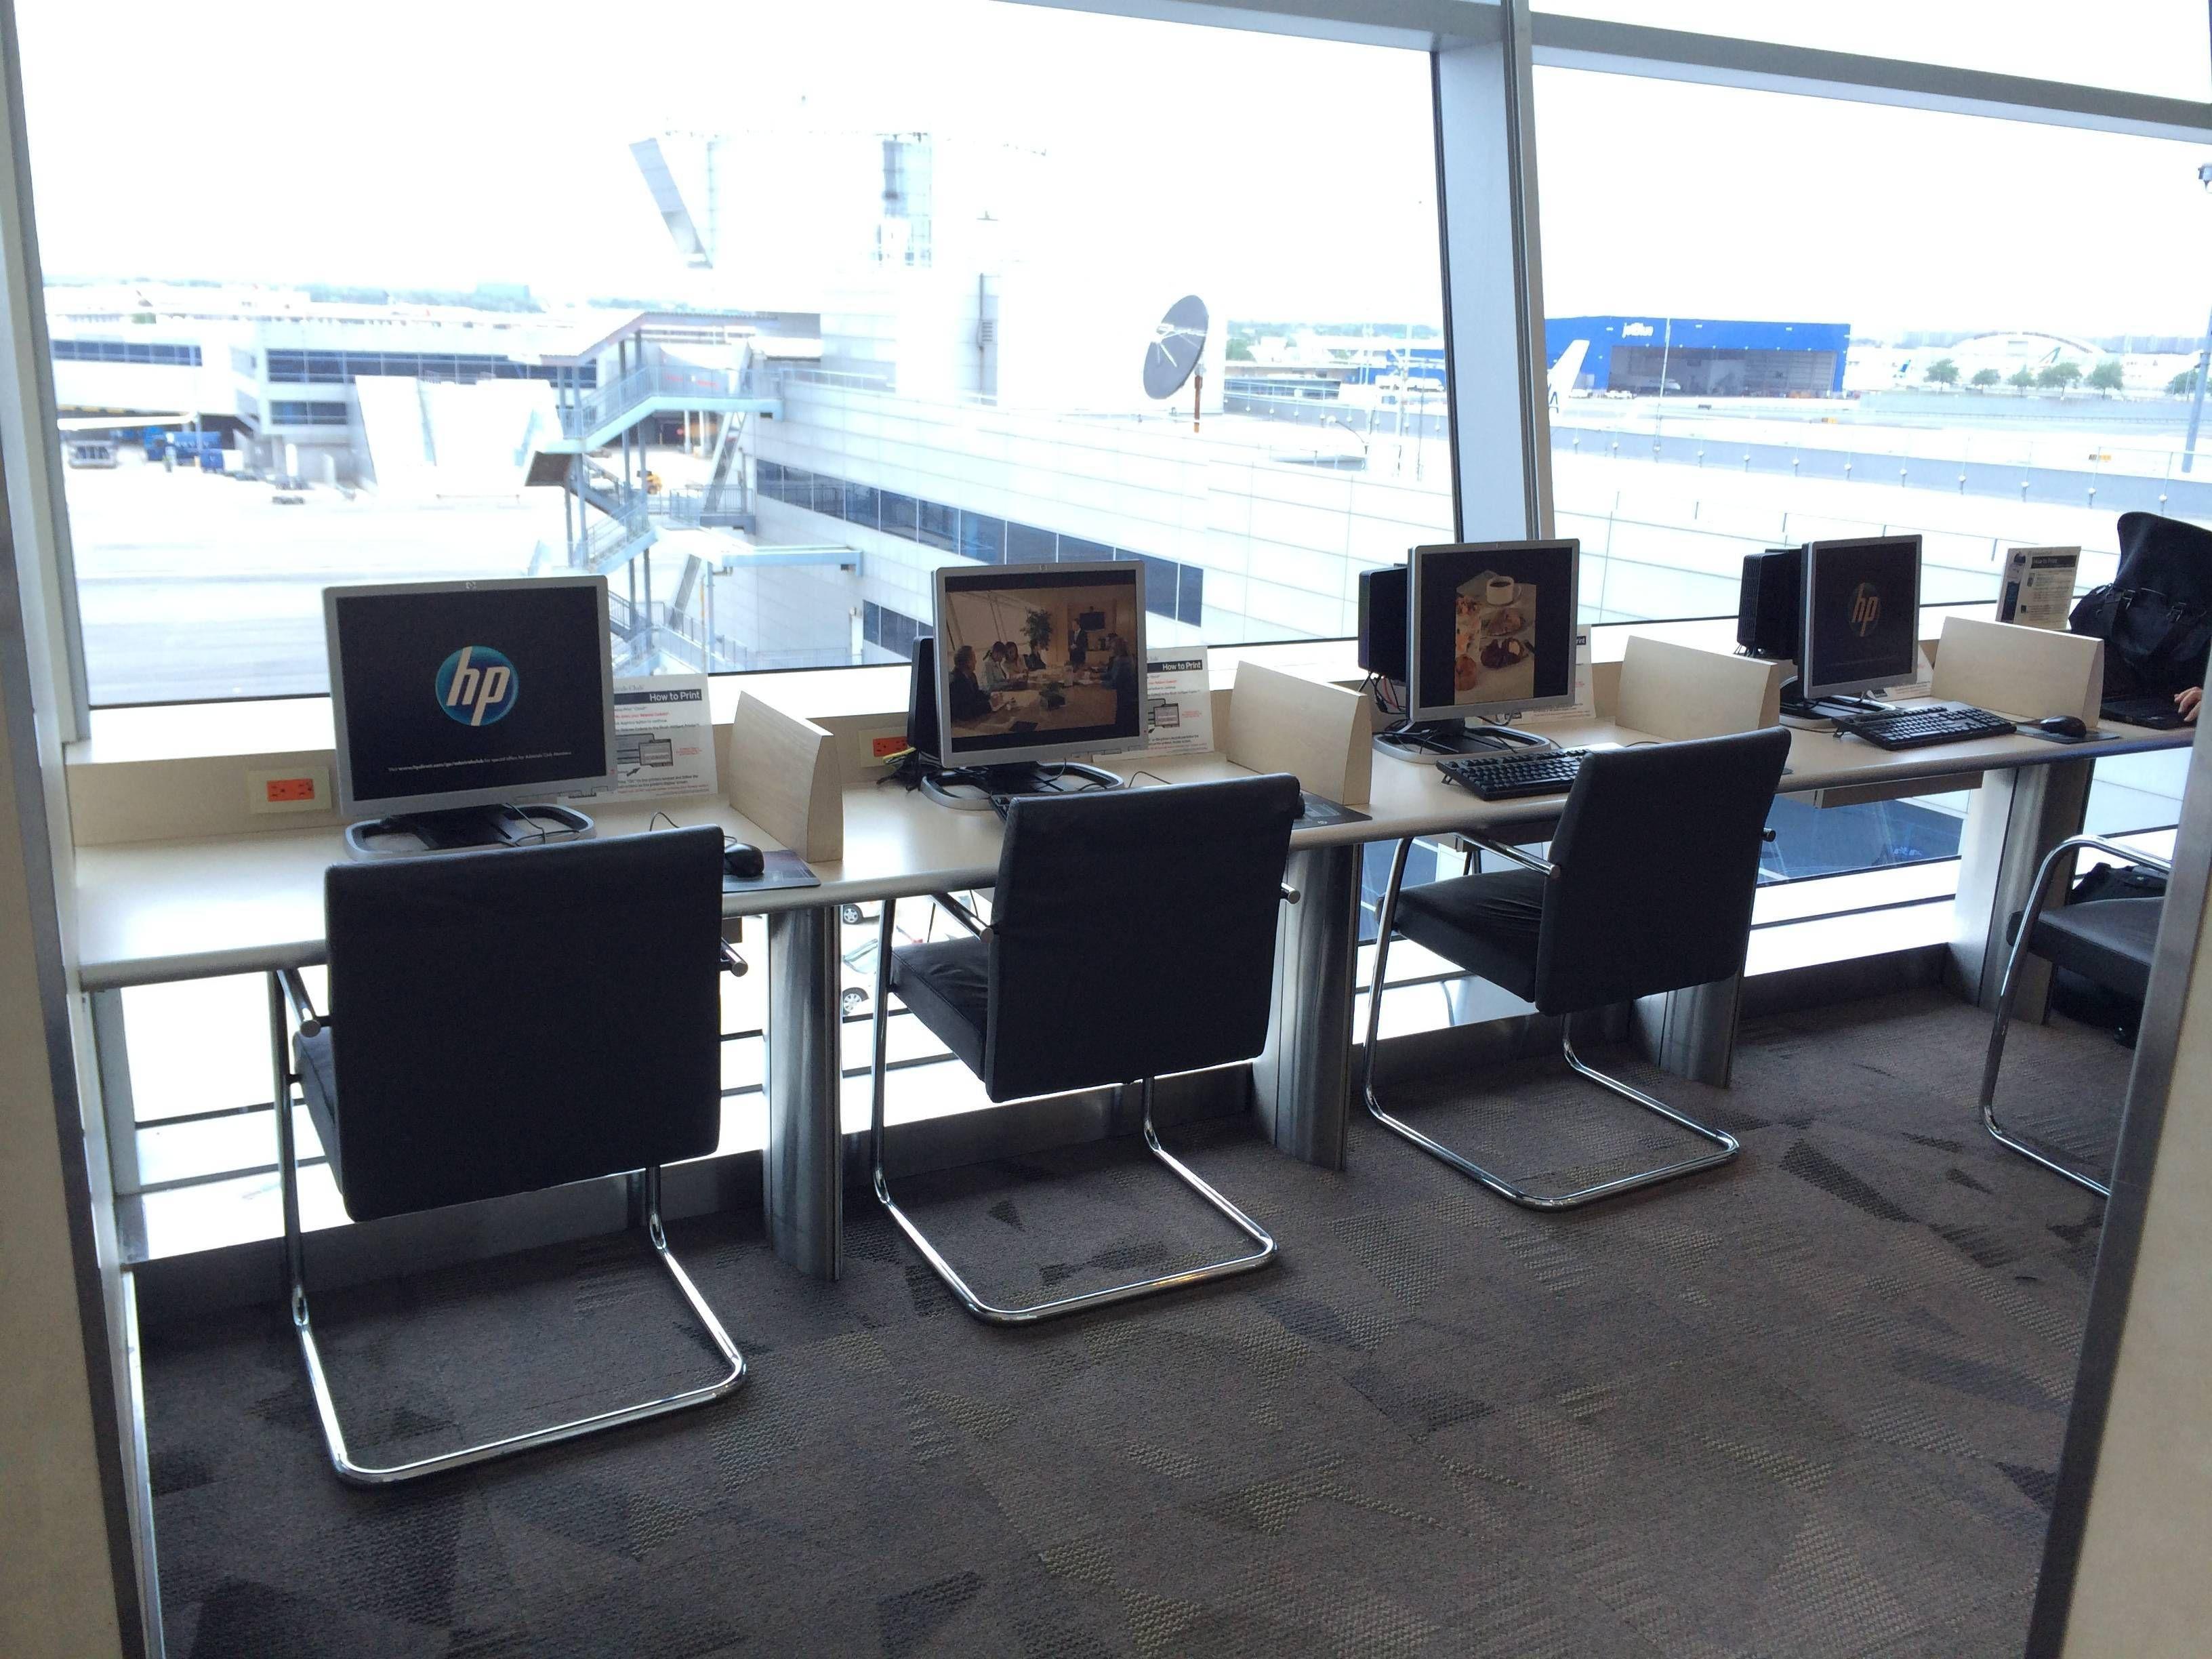 AA Flagship Lounge JFK sala vip - passageirodeprimeira